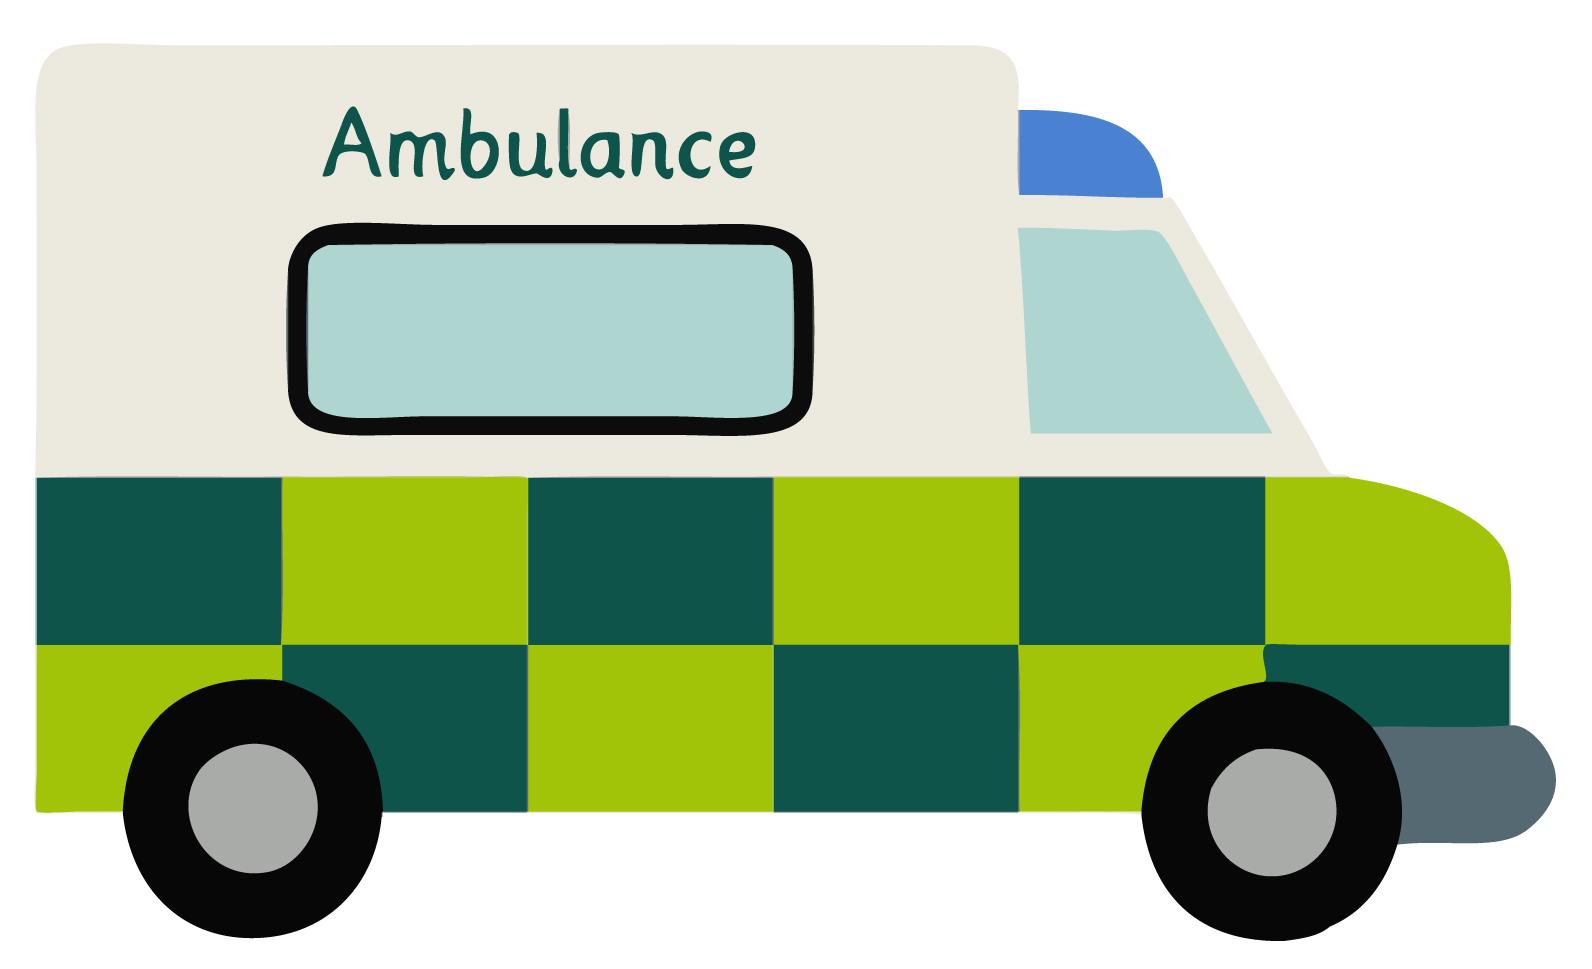 1592x969 Patient Ambulance Clipart, Explore Pictures